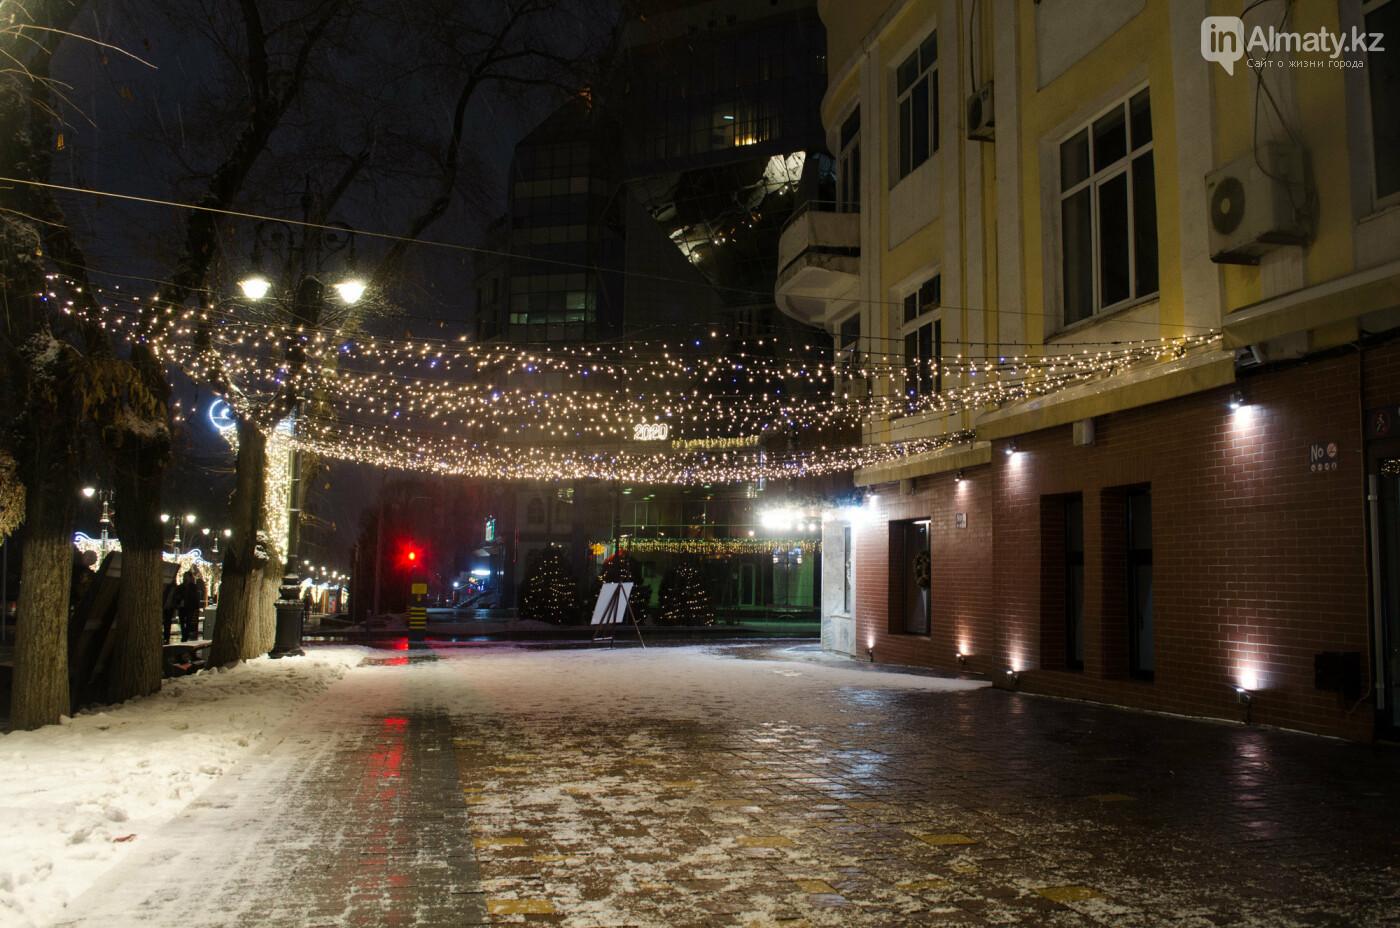 Как украшен центр Алматы к Новому году (фото), фото-28